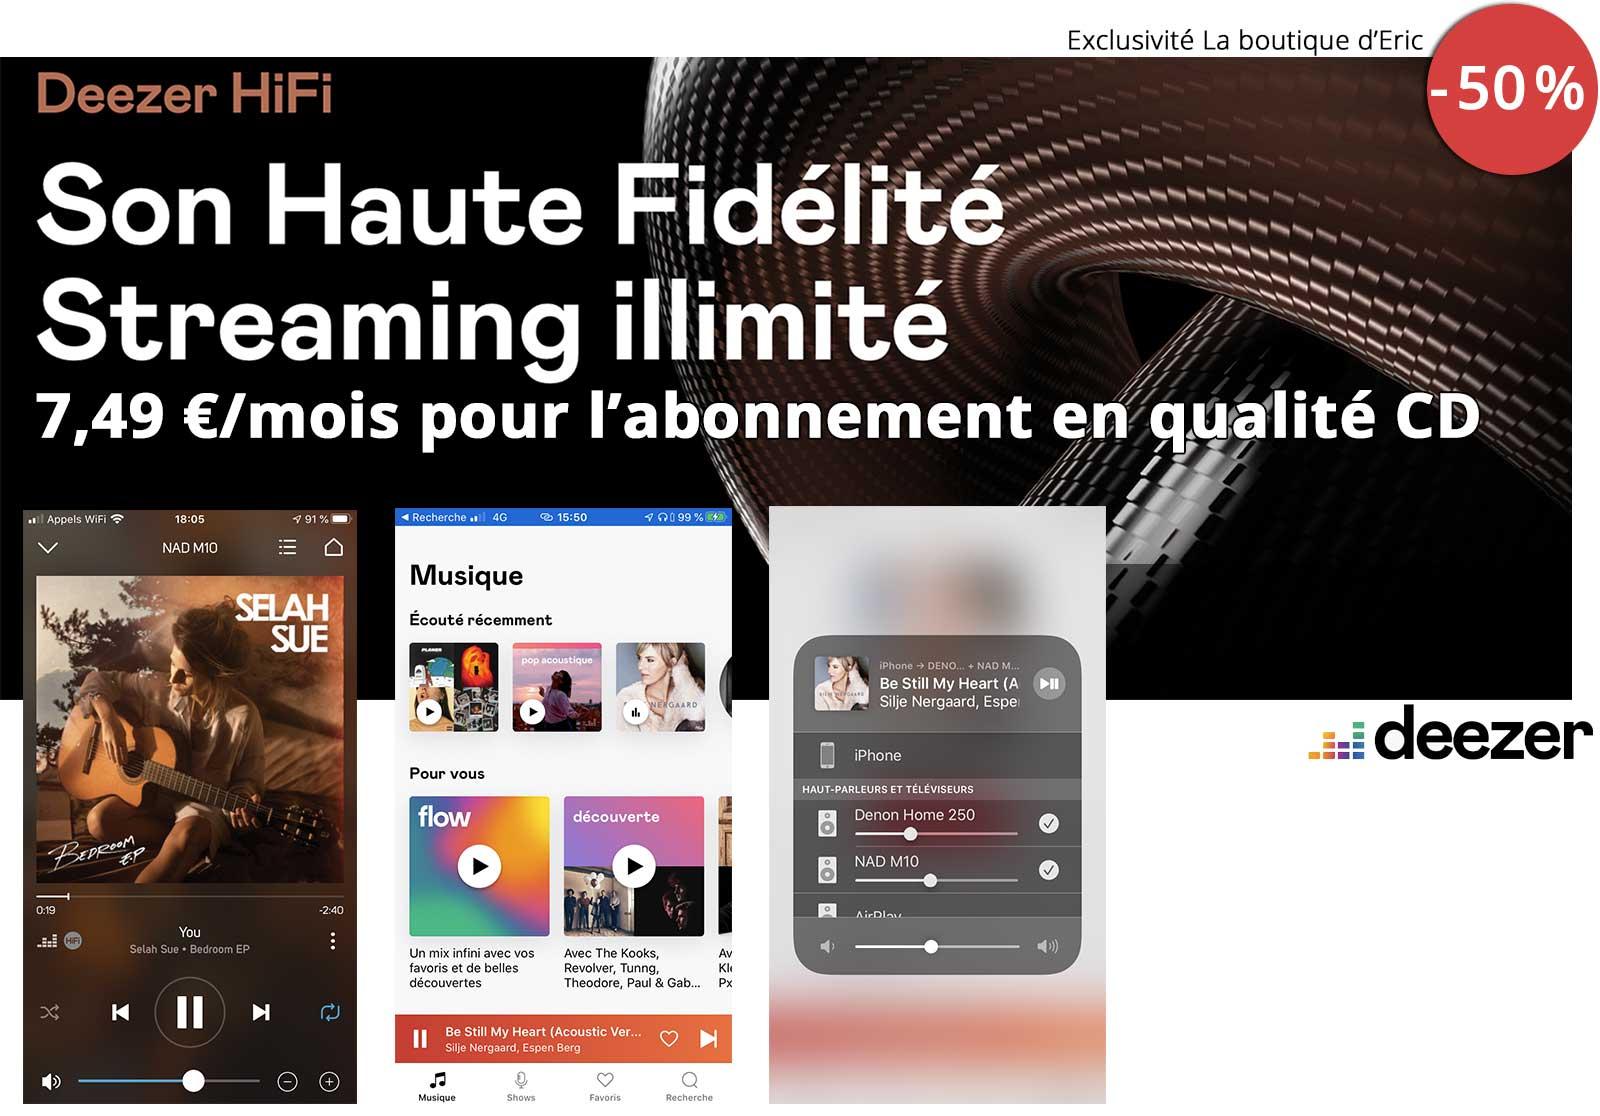 Abonnement Deezer HiFi à -50% avec La boutique d'Eric